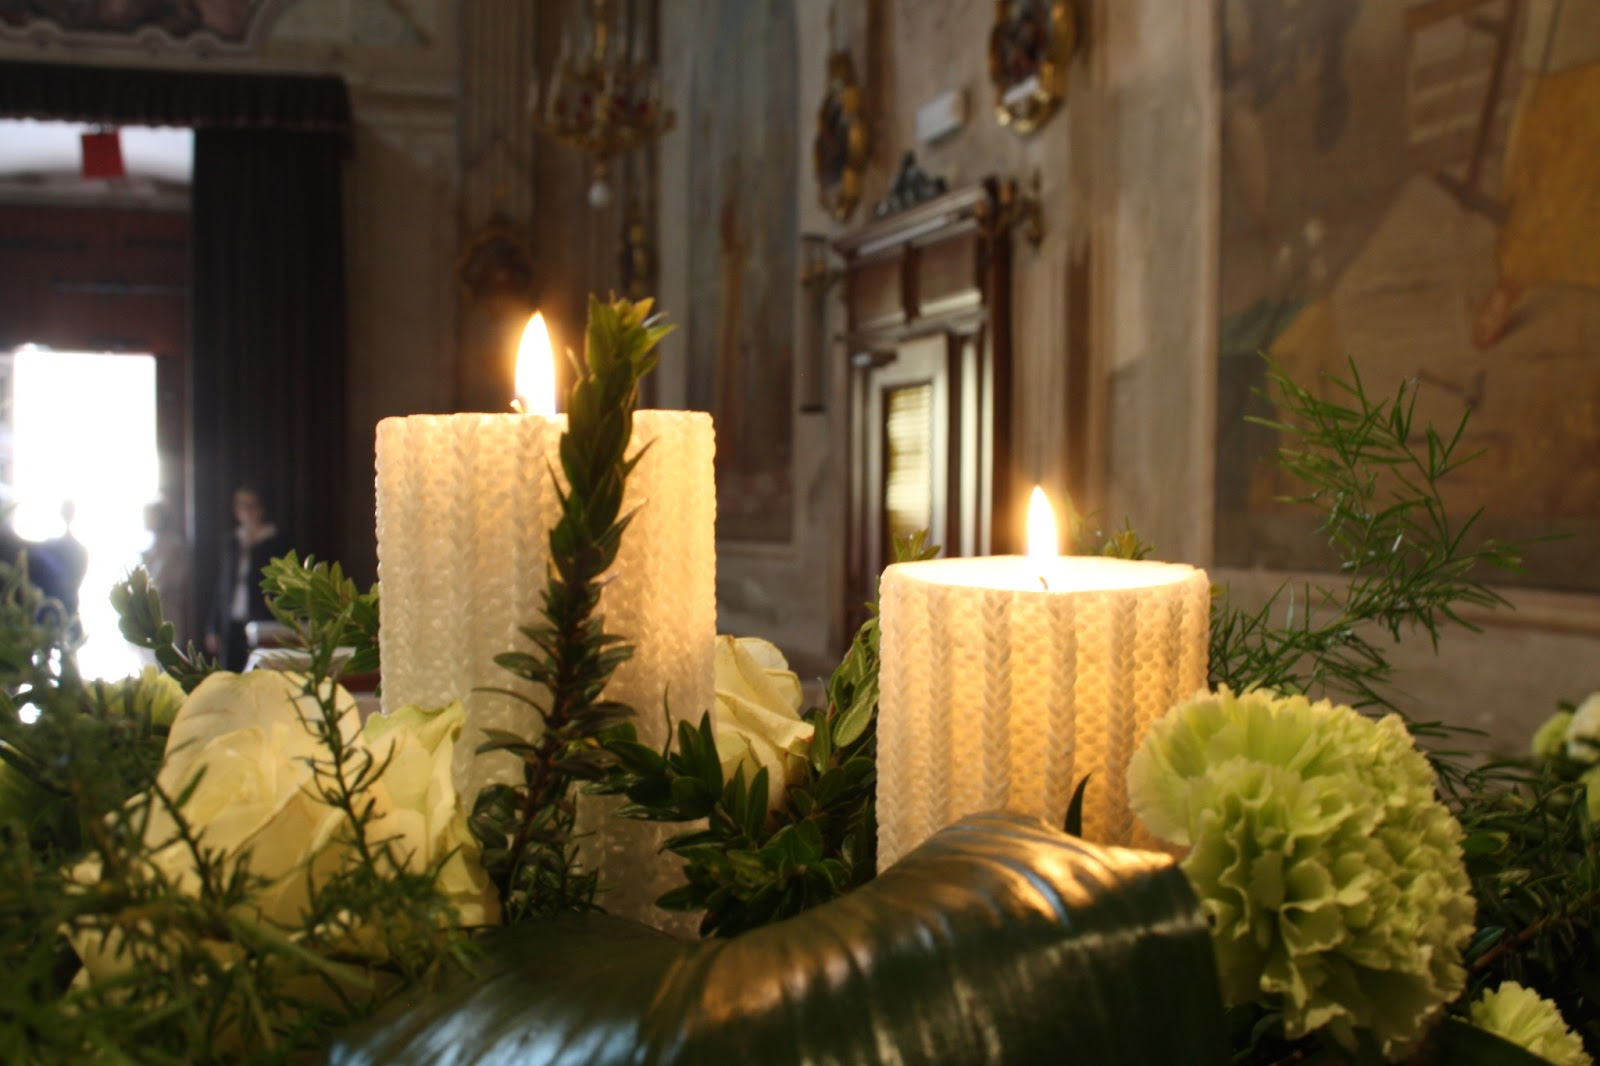 Matrimonio in lombardia l 39 allestimento floreale del - Come addobbare la casa della sposa il giorno del matrimonio ...